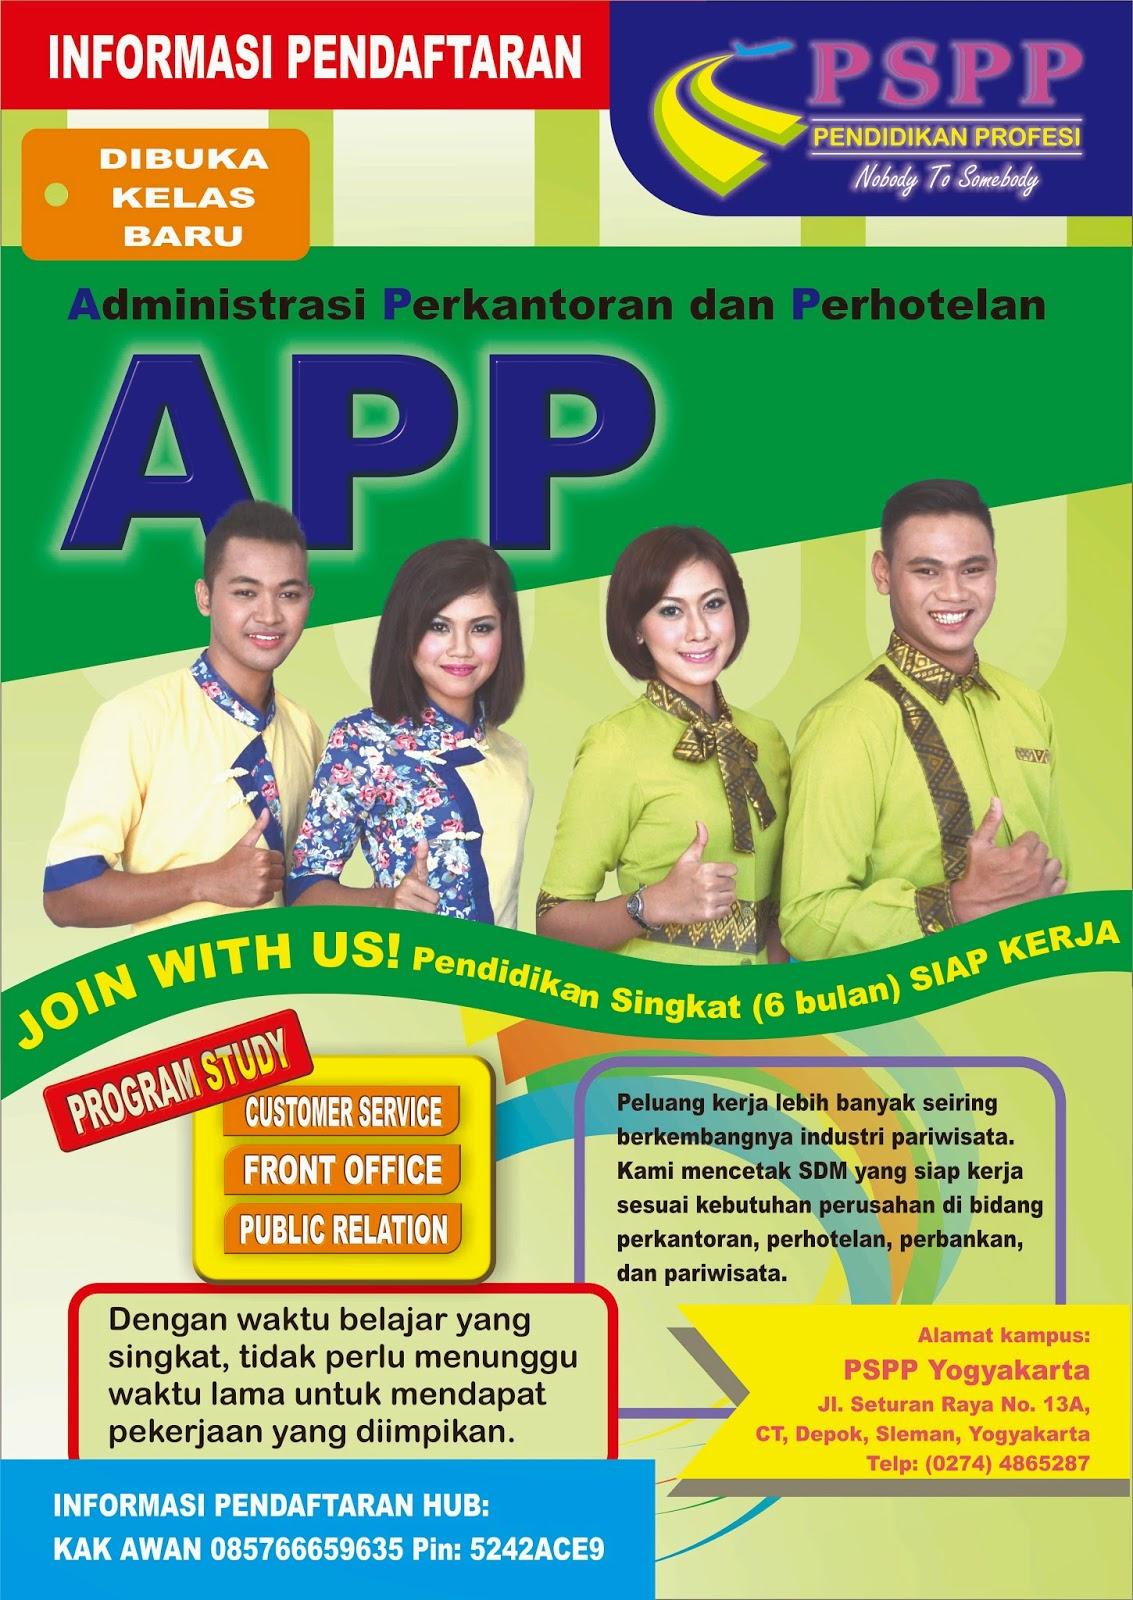 Pendaftaran PSPP APP